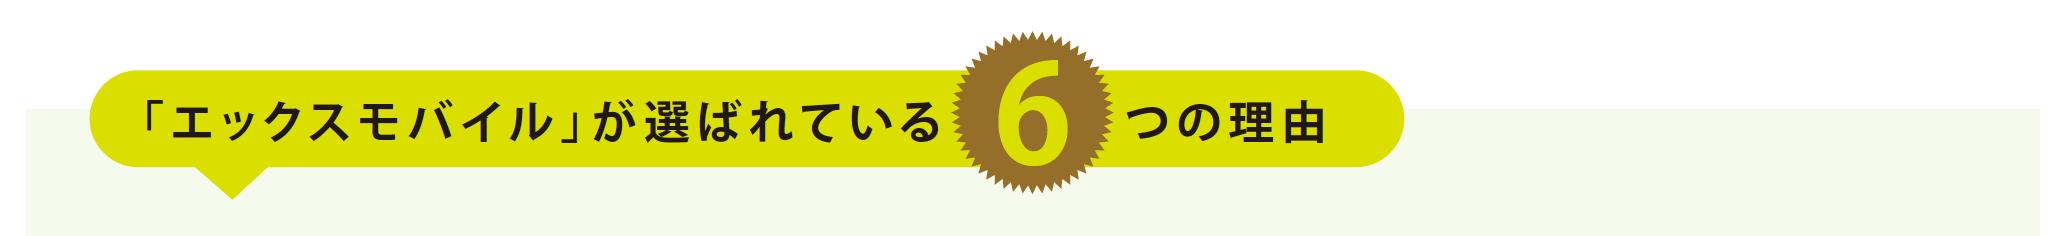 「エックスモバイル」が選ばれている6つの理由